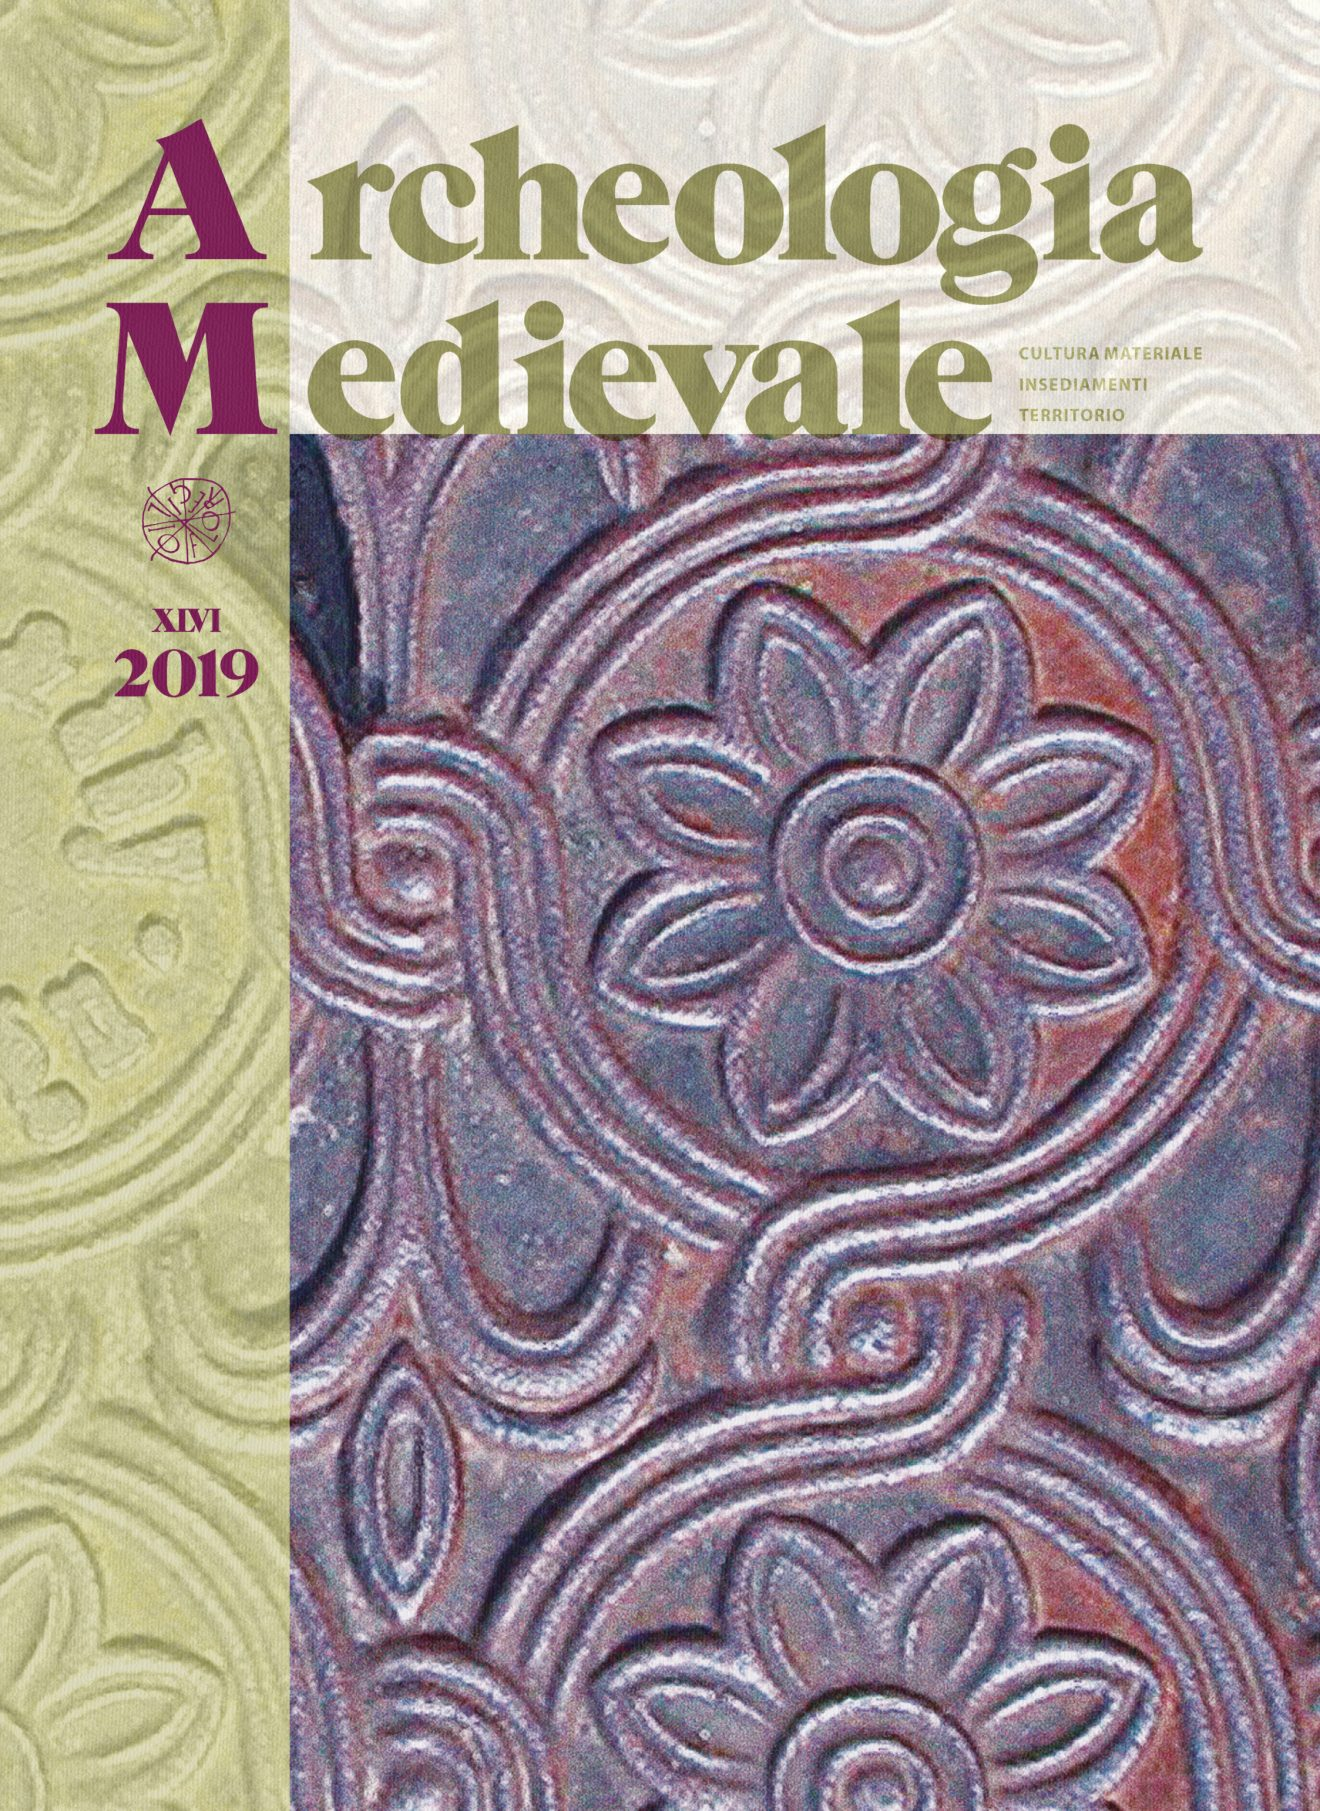 Archeologia Medievale, XLVI, 2019 - Prima dell'archeologia pubblica. Identità, conflitti sociali e Medioevo nella ricerca del Mediterraneo